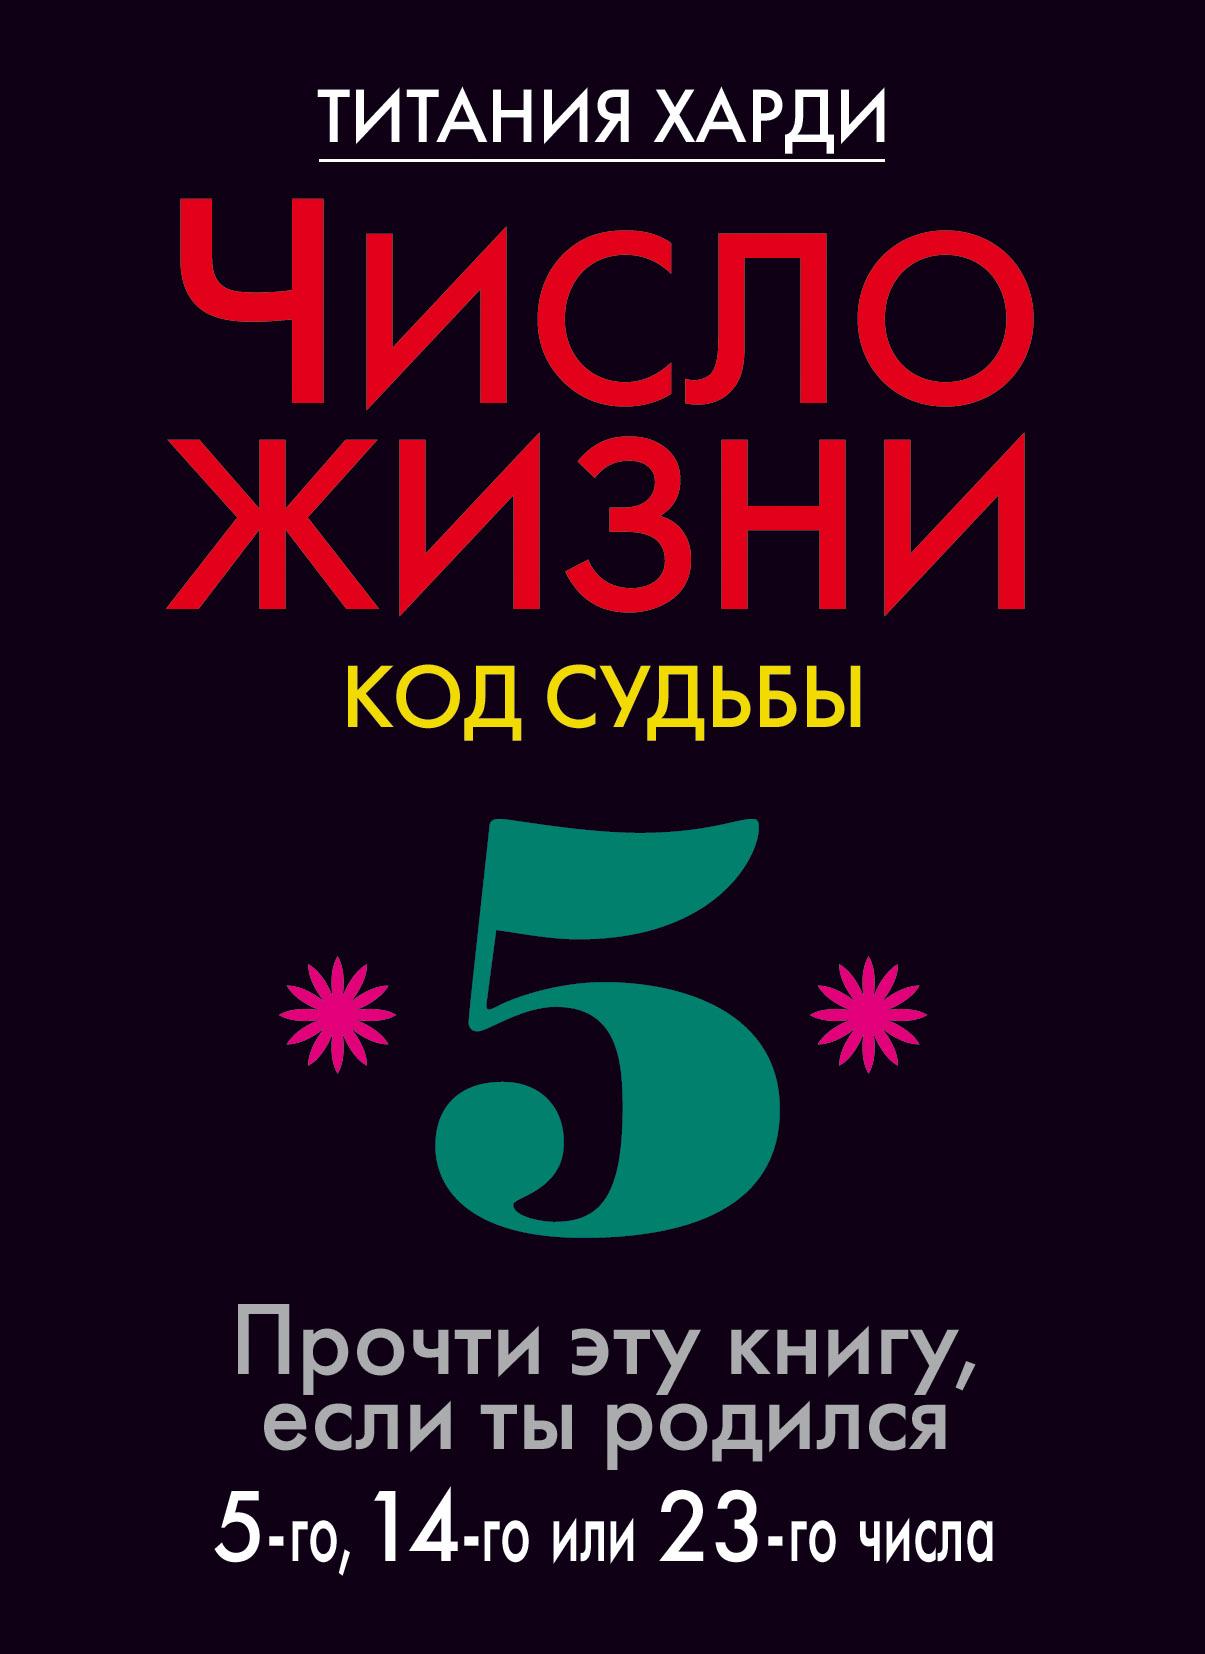 Книга Число жизни. Код судьбы. Прочти эту книгу, если ты родился 5-го, 14-го или 23-го числа